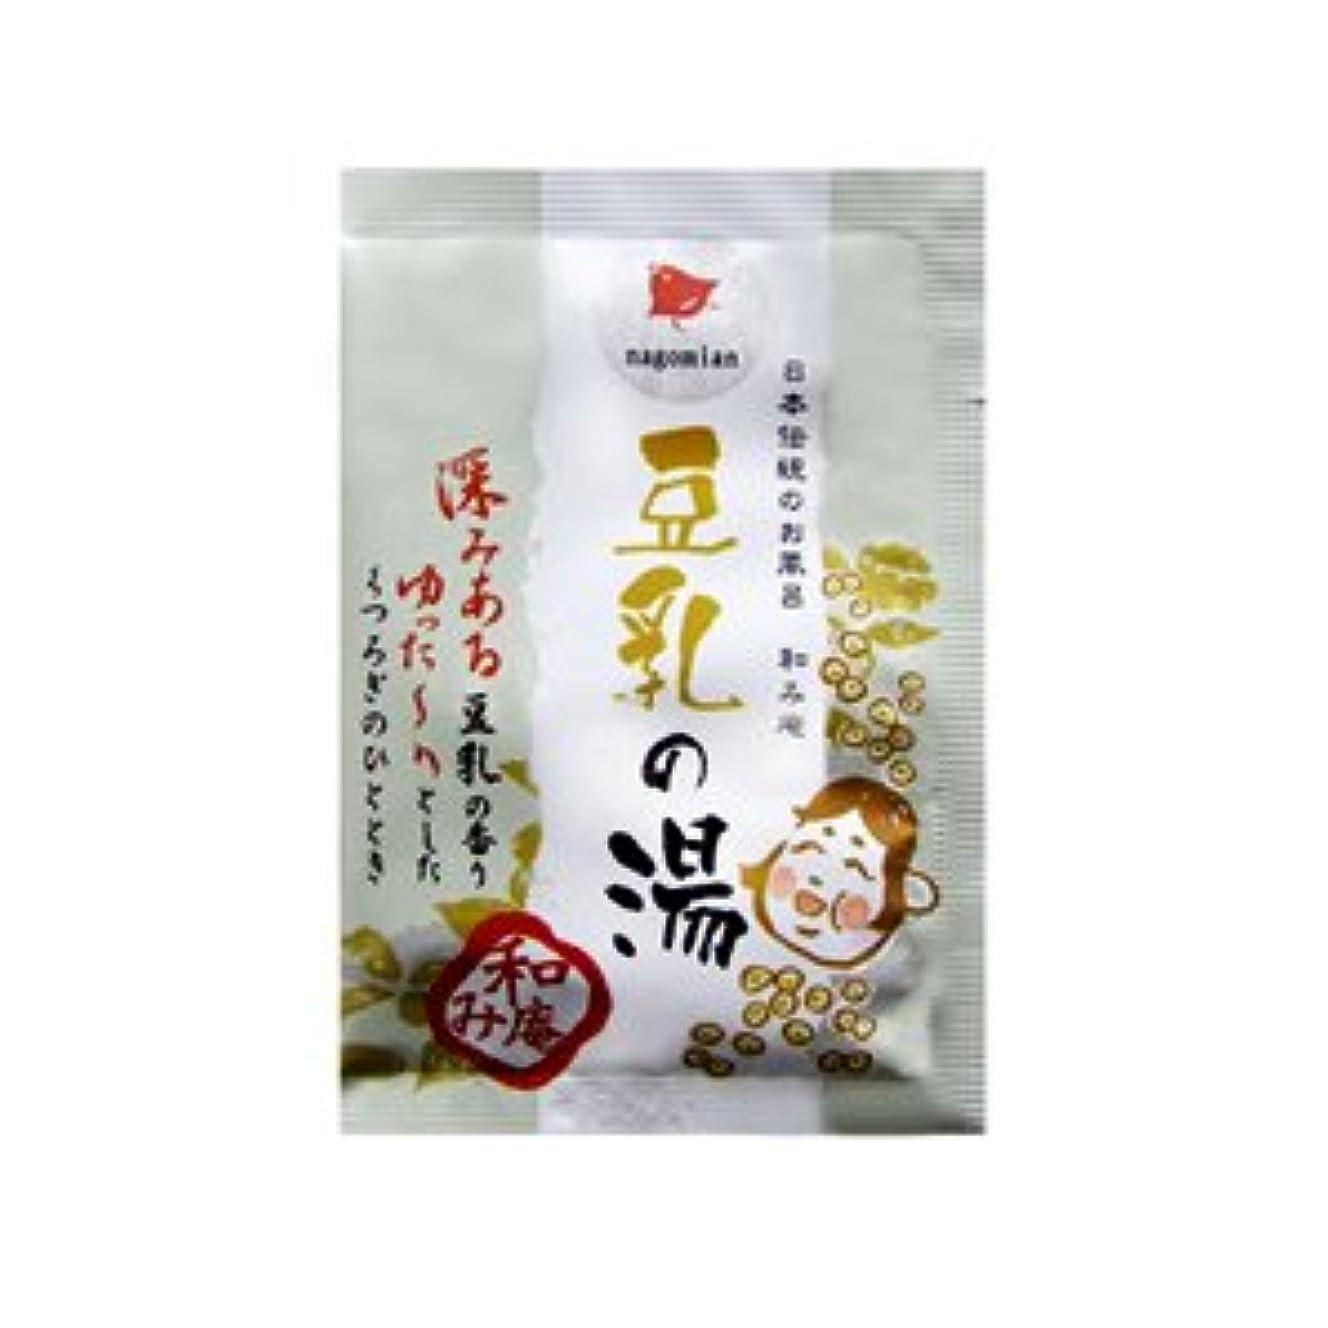 軽レーザ旅客日本伝統のお風呂 和み庵 豆乳の湯 25g 10個セット